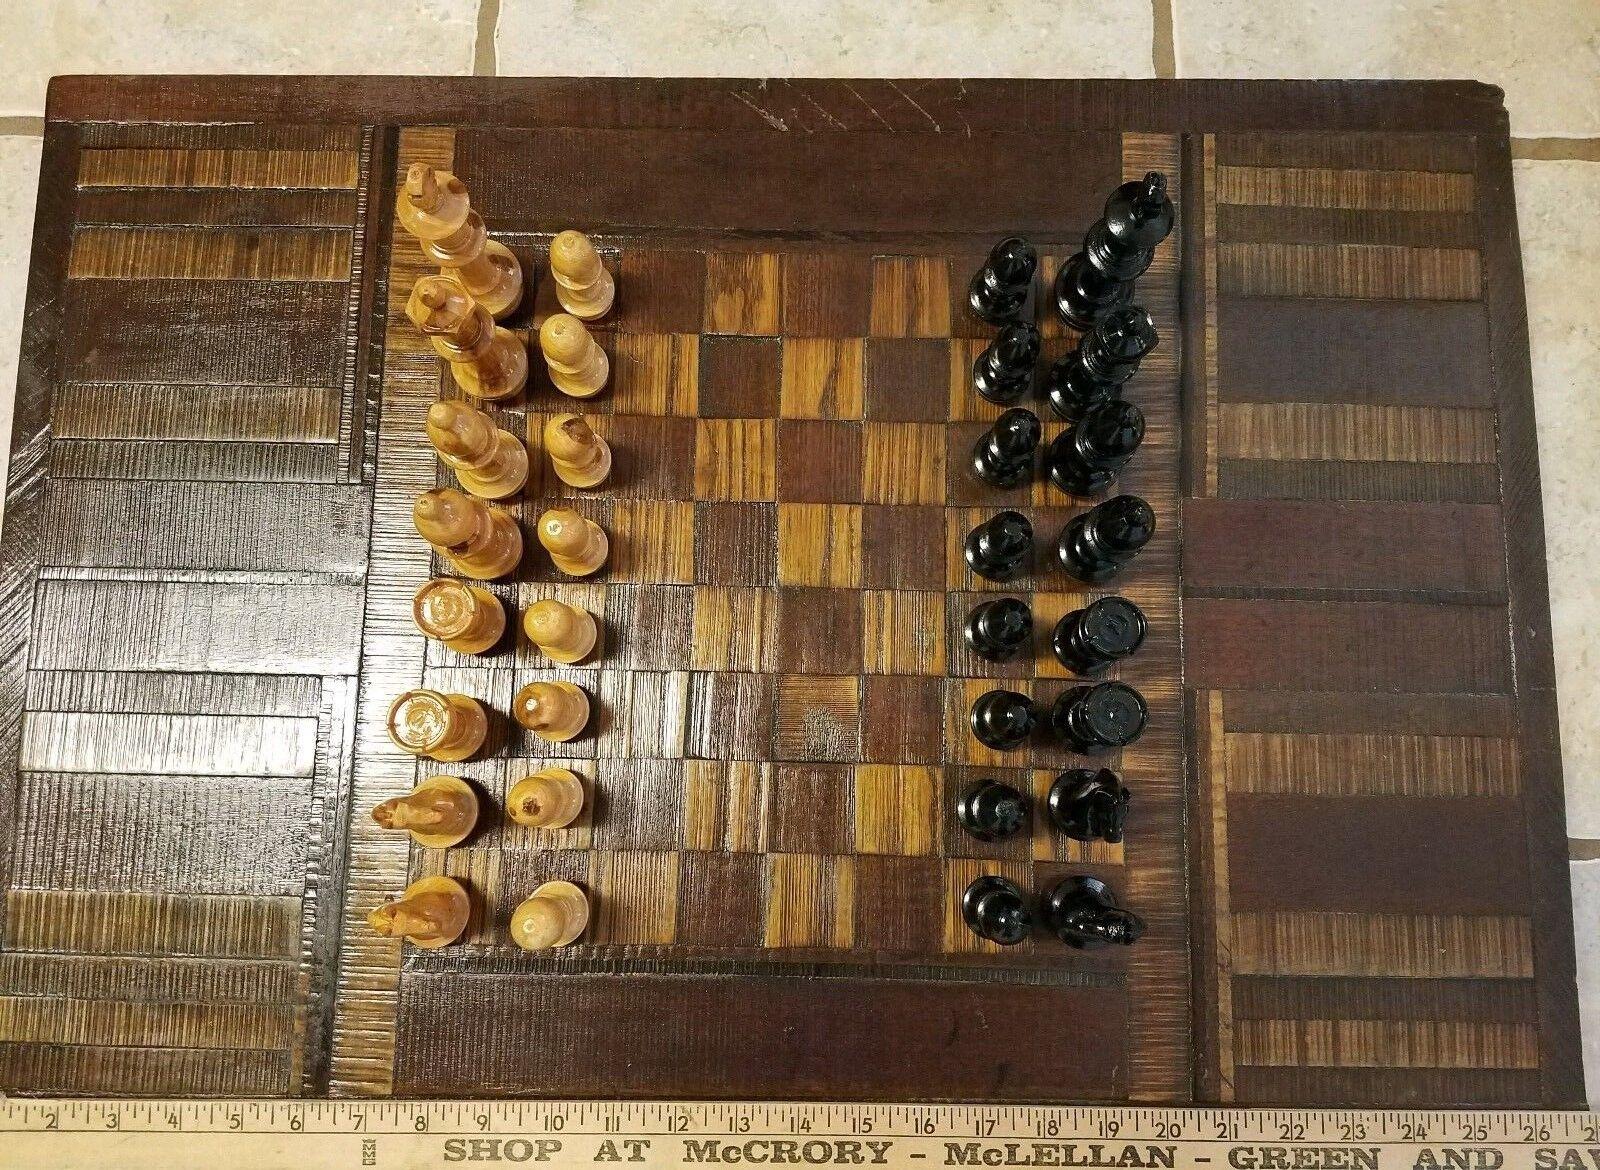 Vintage  He fatto Wood Chess tavola e Chess Set re 4   acquisto limitato